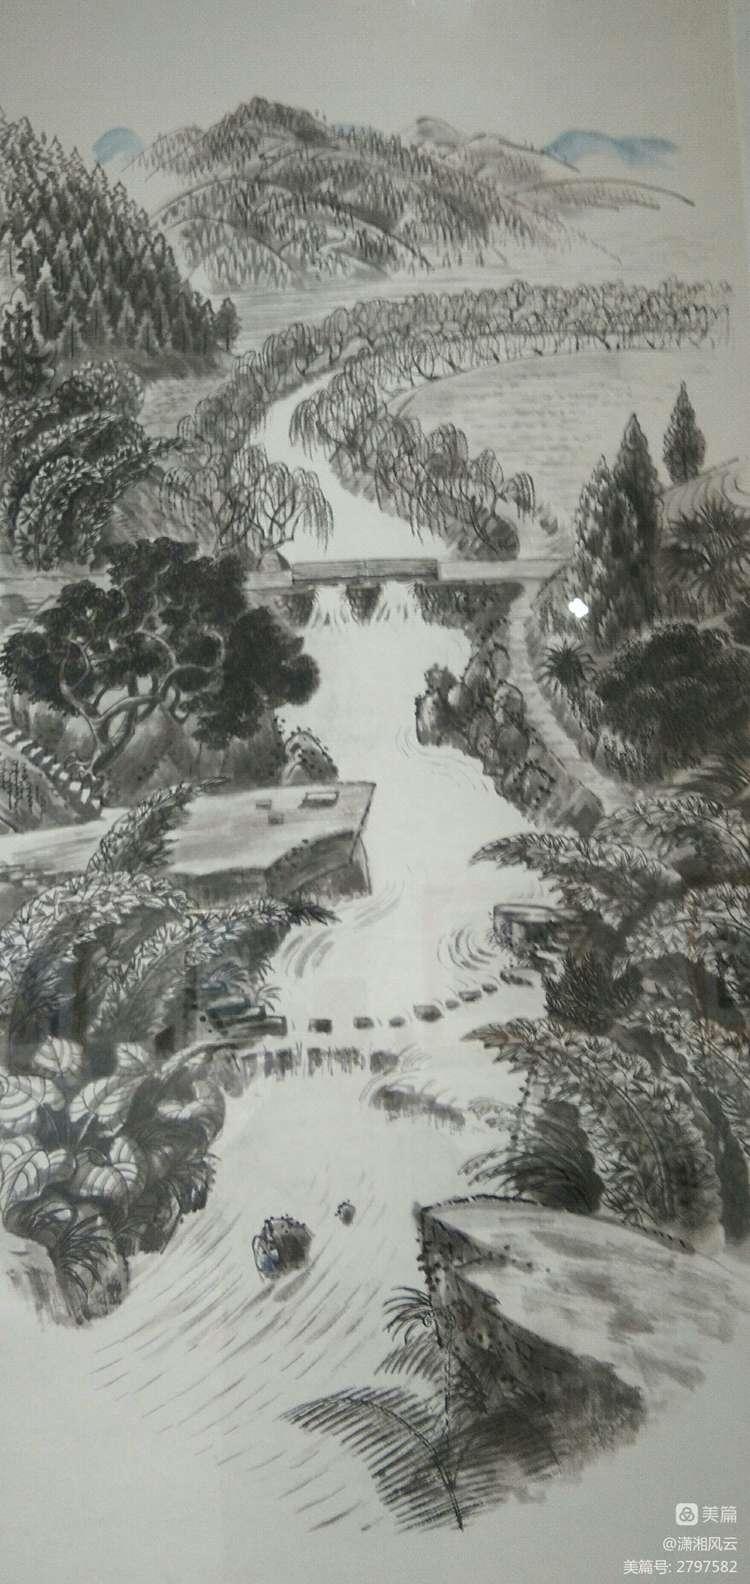 80幅周令钊的神画之作,惊艳了祖国,醉美了山川(图11)